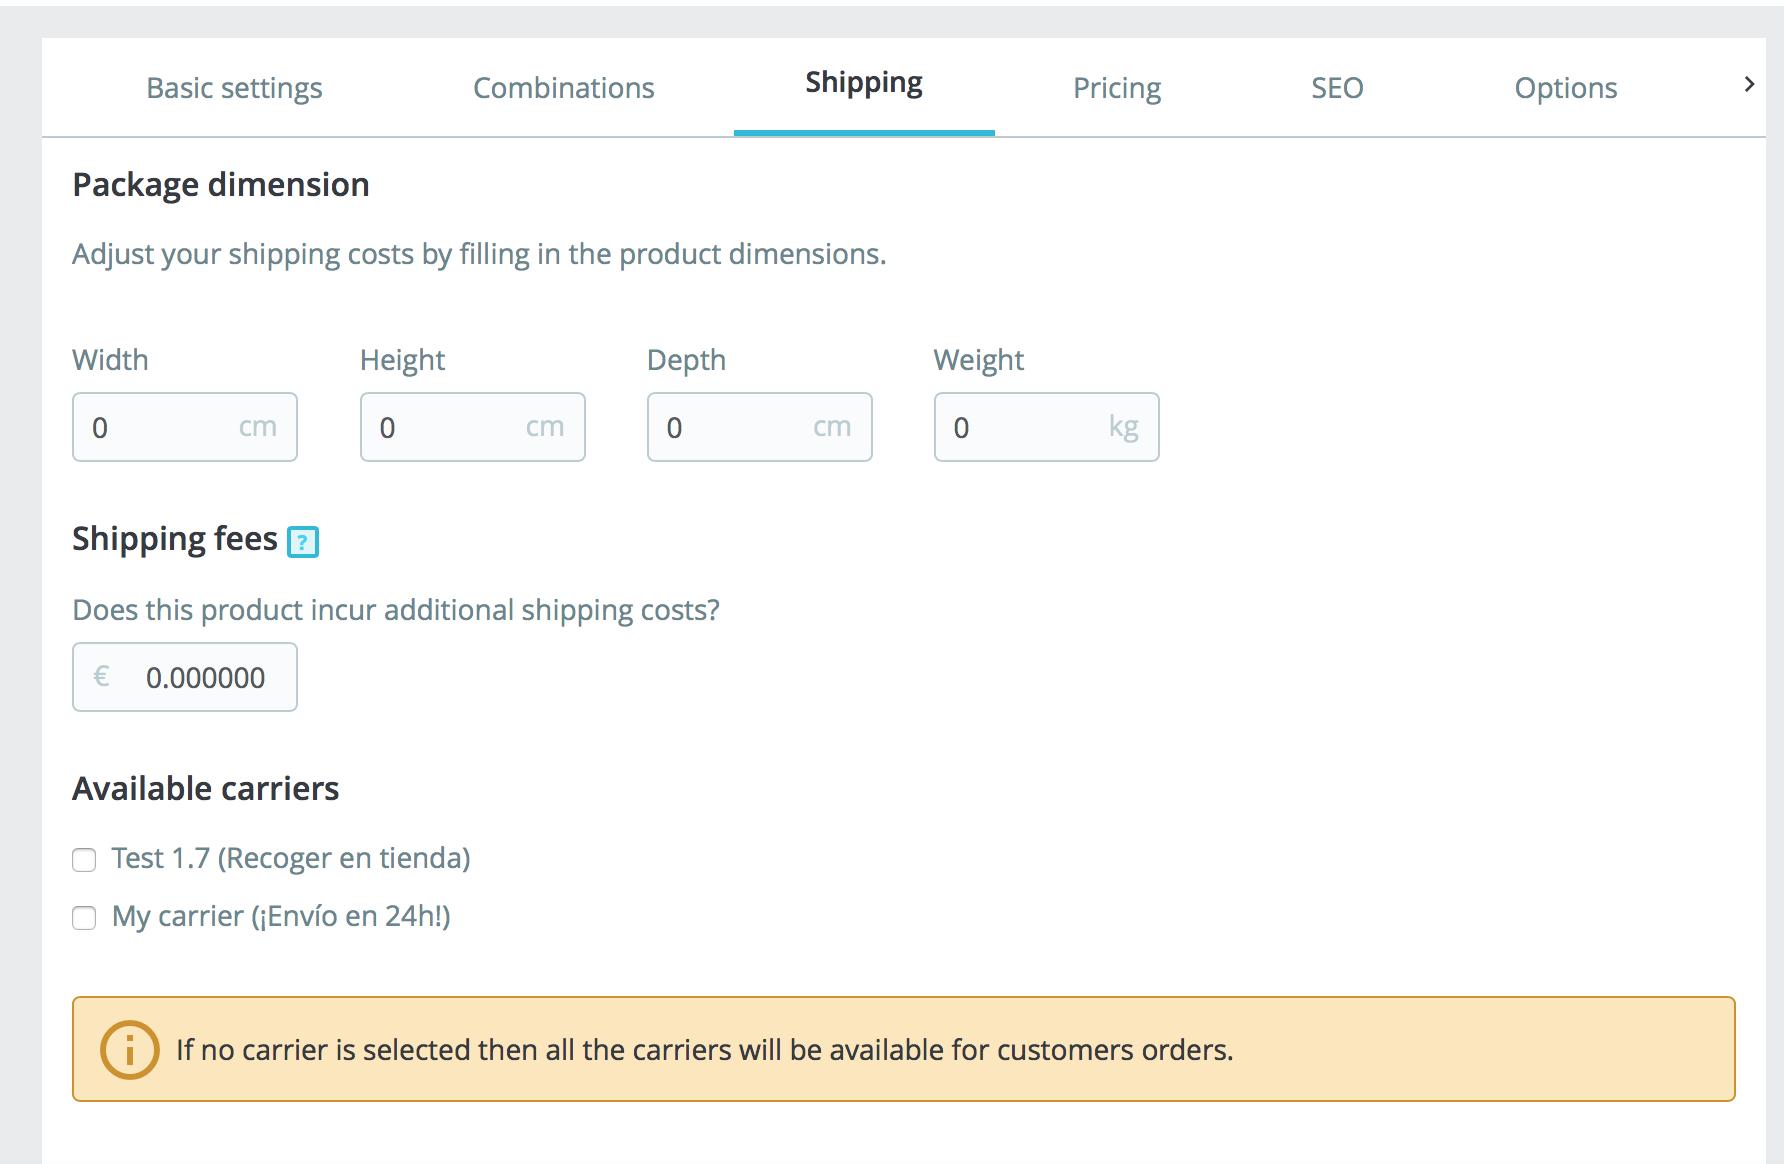 permite configurar transportistas,  tasas y dimensiones del paquete